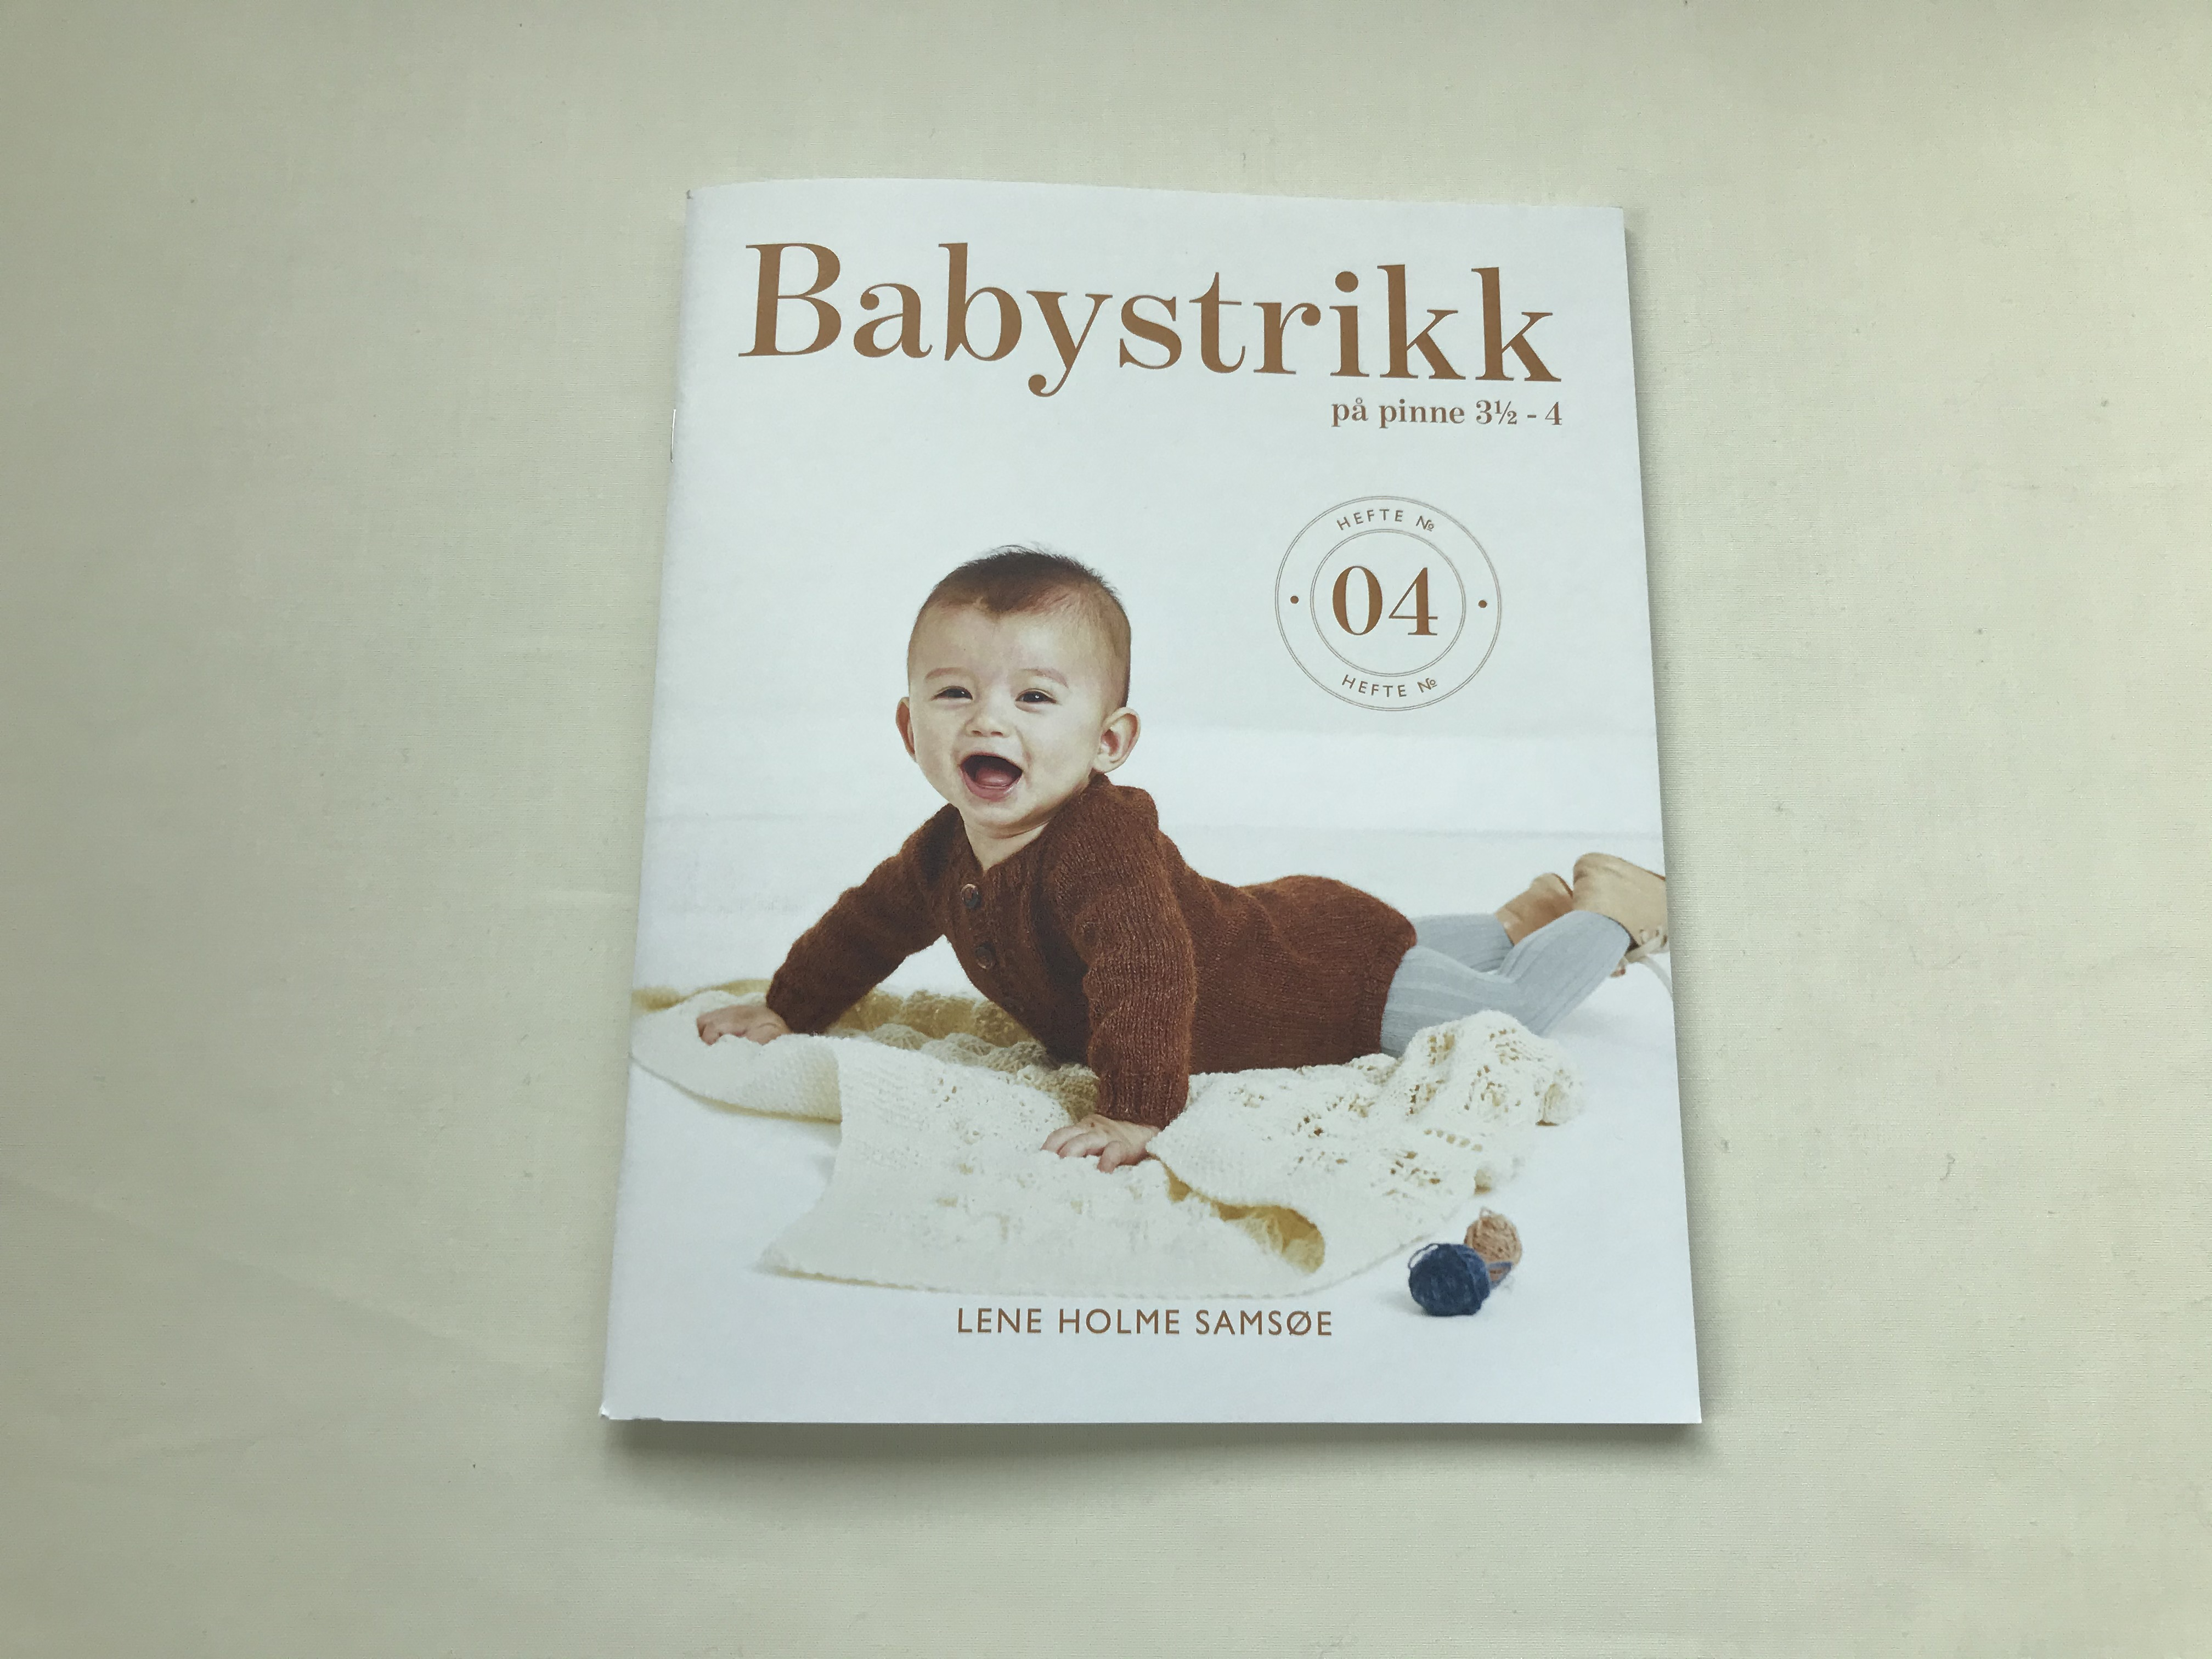 Hefte Babystrikk på pinne 3 1/2 - 4 hefte nr 04